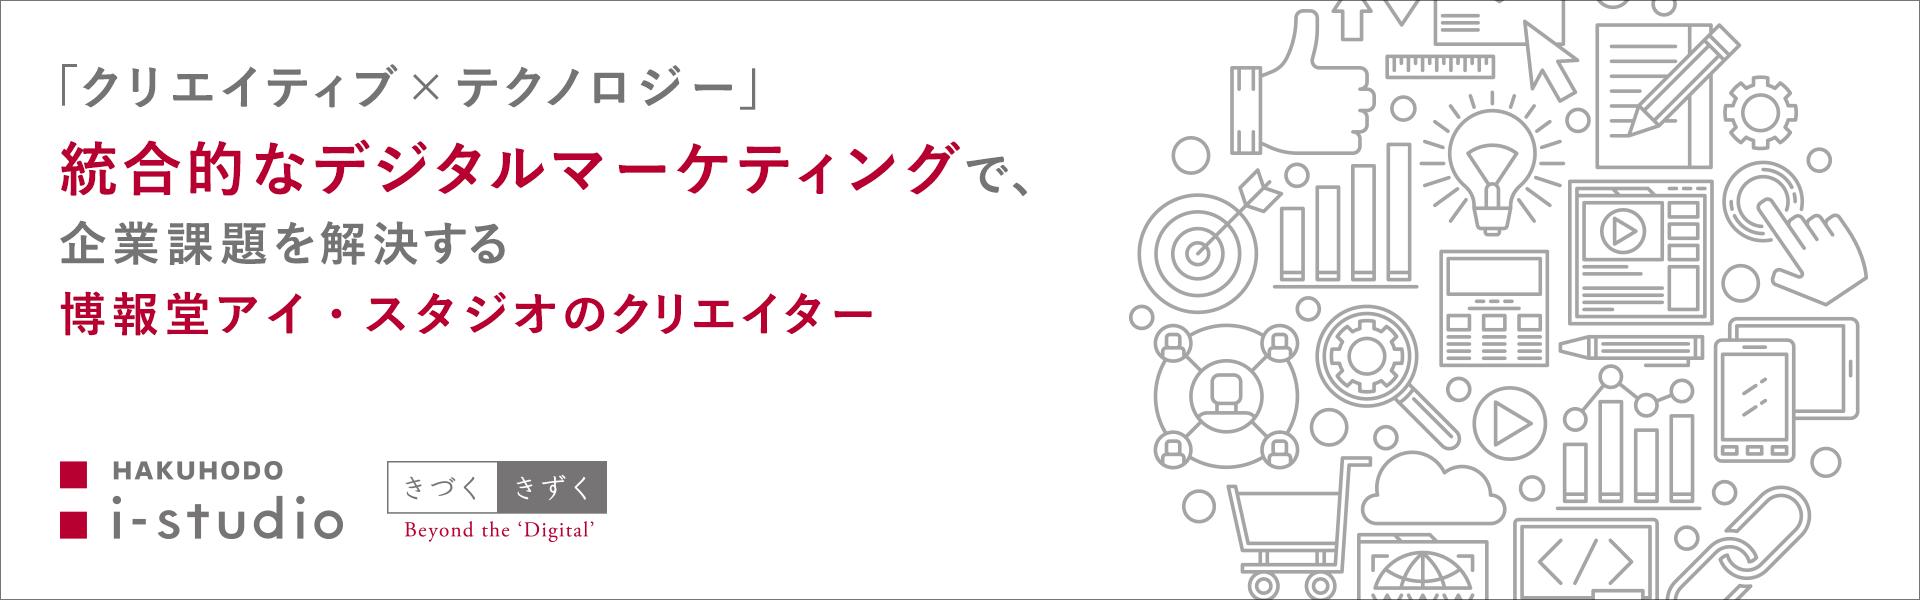 「クリエイティブ×テクノロジー」統合的なデジタルマーケティングで、企業課題を解決する博報堂アイ・スタジオのクリエイター